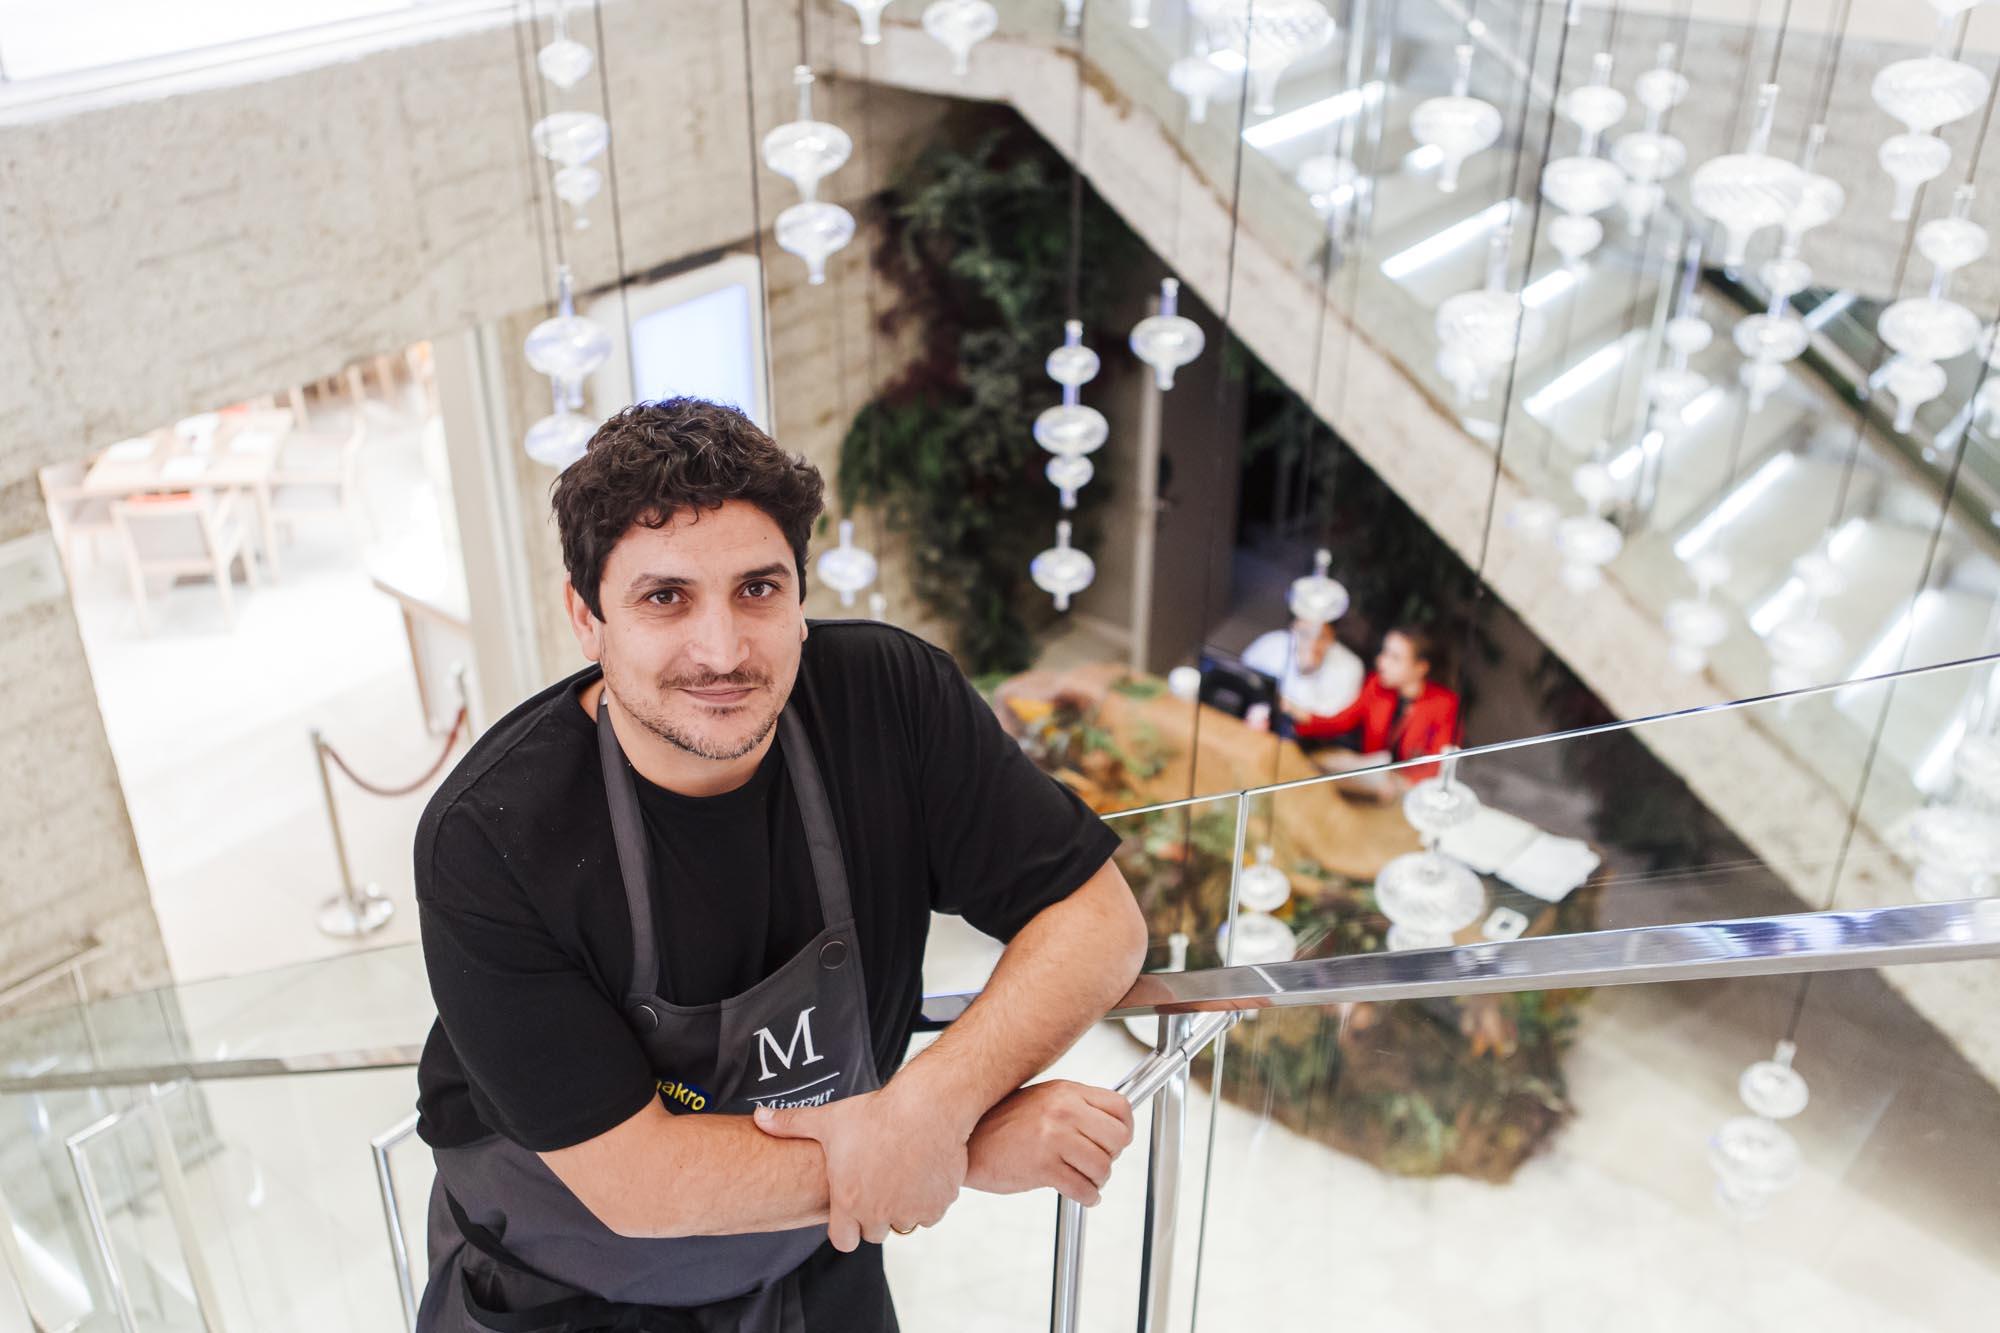 Mauro posa junto a la entrada del restaurante, en el subsuelo del 'Hotel NH Collection Eurobuilding' de Madrid.